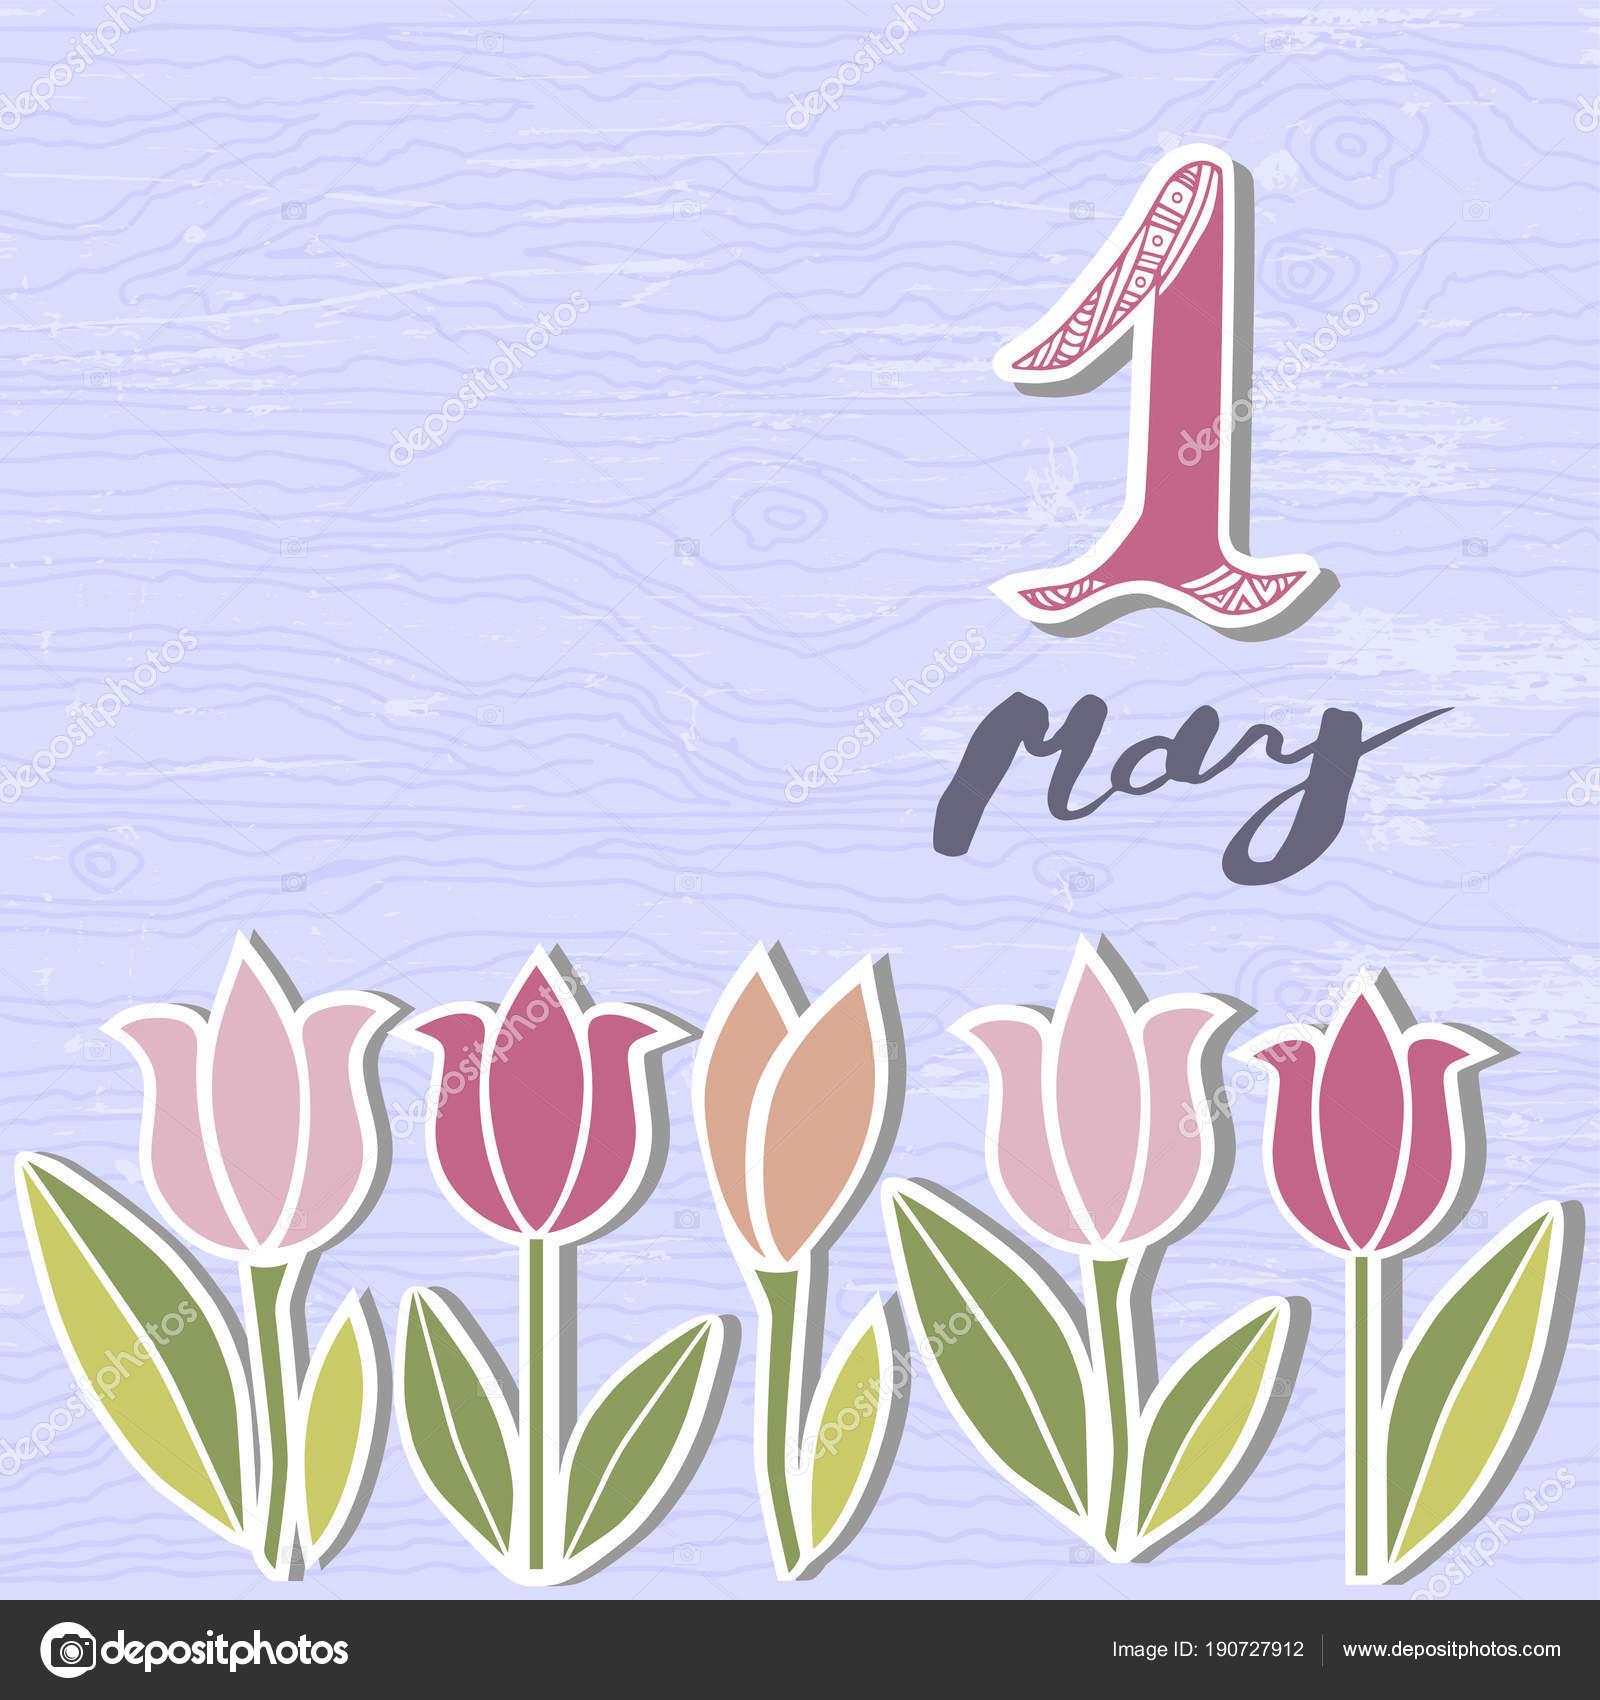 Imágenes Fondos Para Invitaciones Del 10 De Mayo Primero Mayo